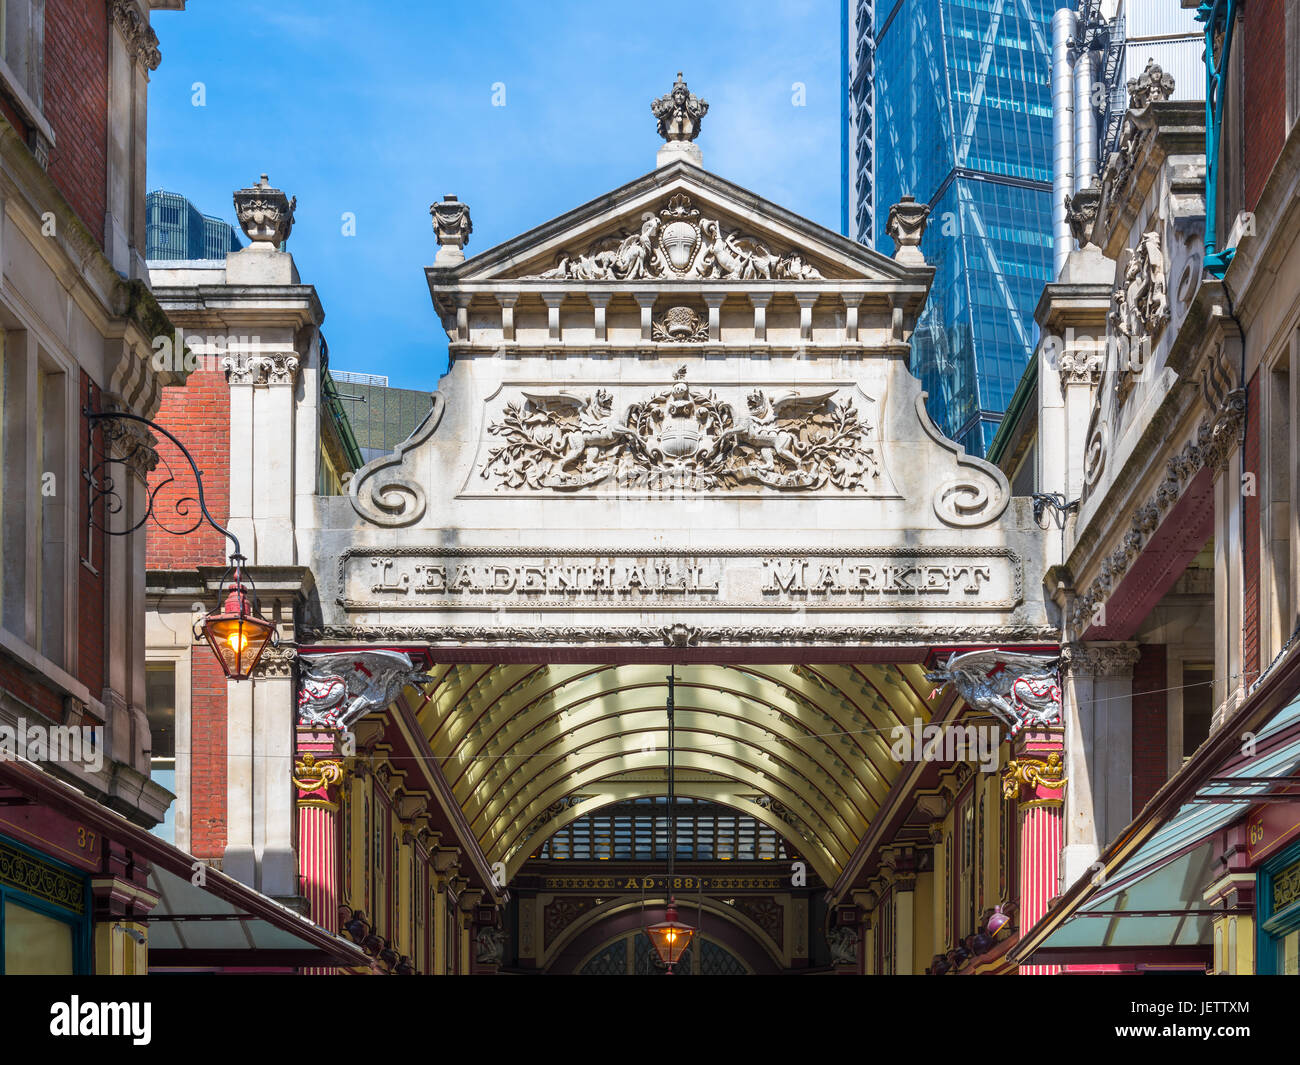 Nordeingang, Leadenhall Market, London, UK Stockbild